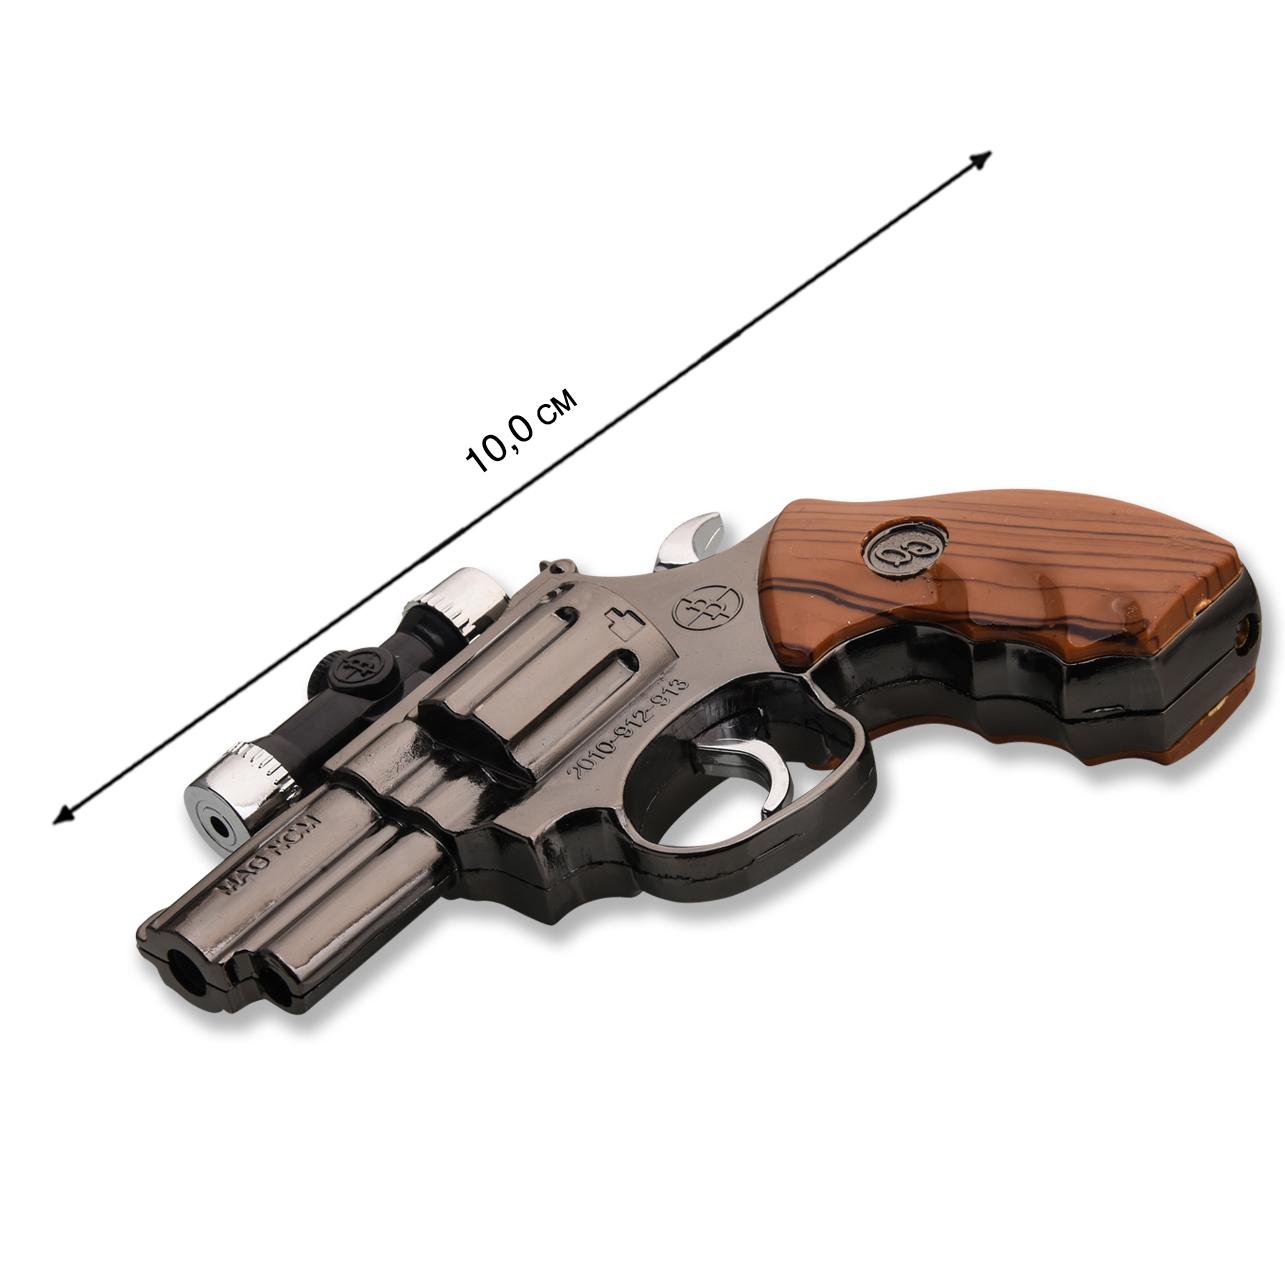 Зажигалка револьвер MAG NOM по лучшей цене